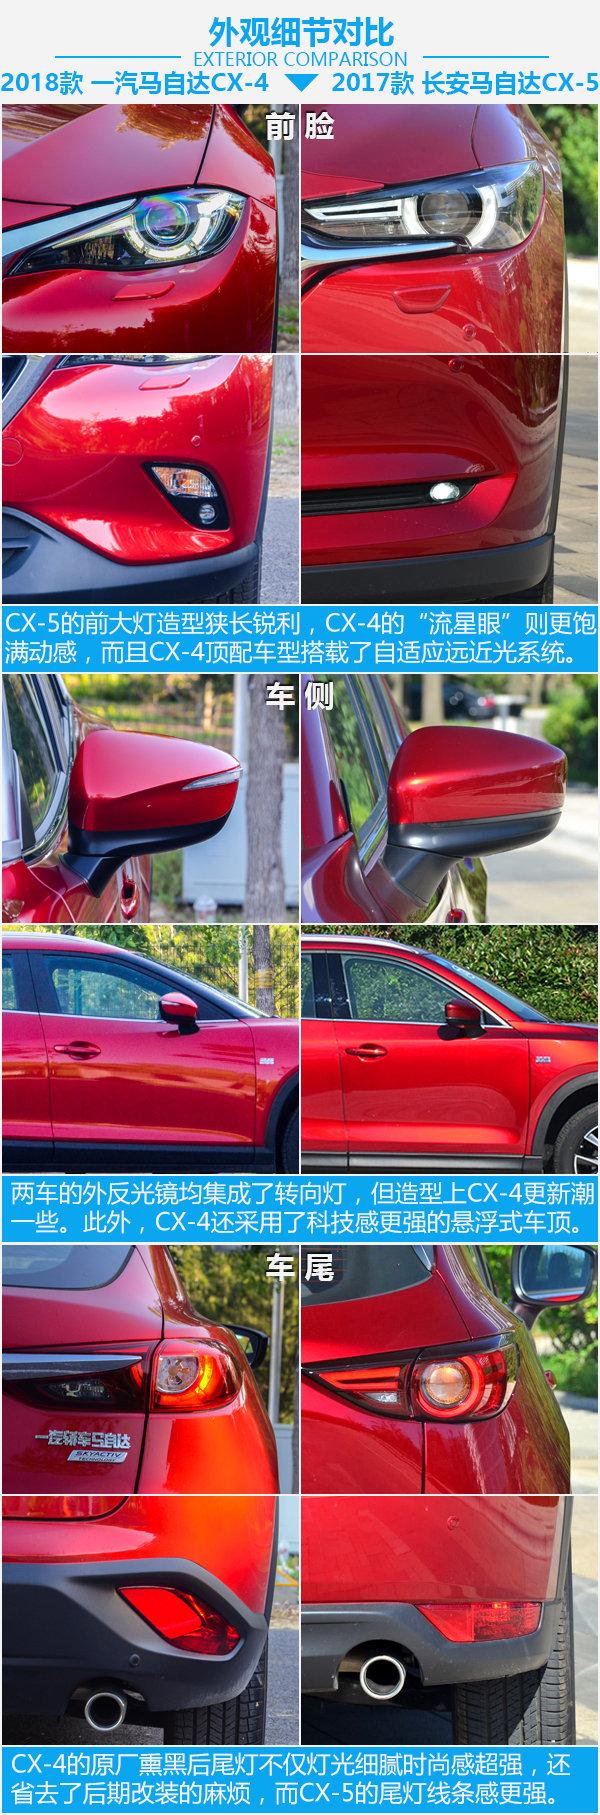 要运动也要性价比 马自达CX-4对比马自达CX-5-图5